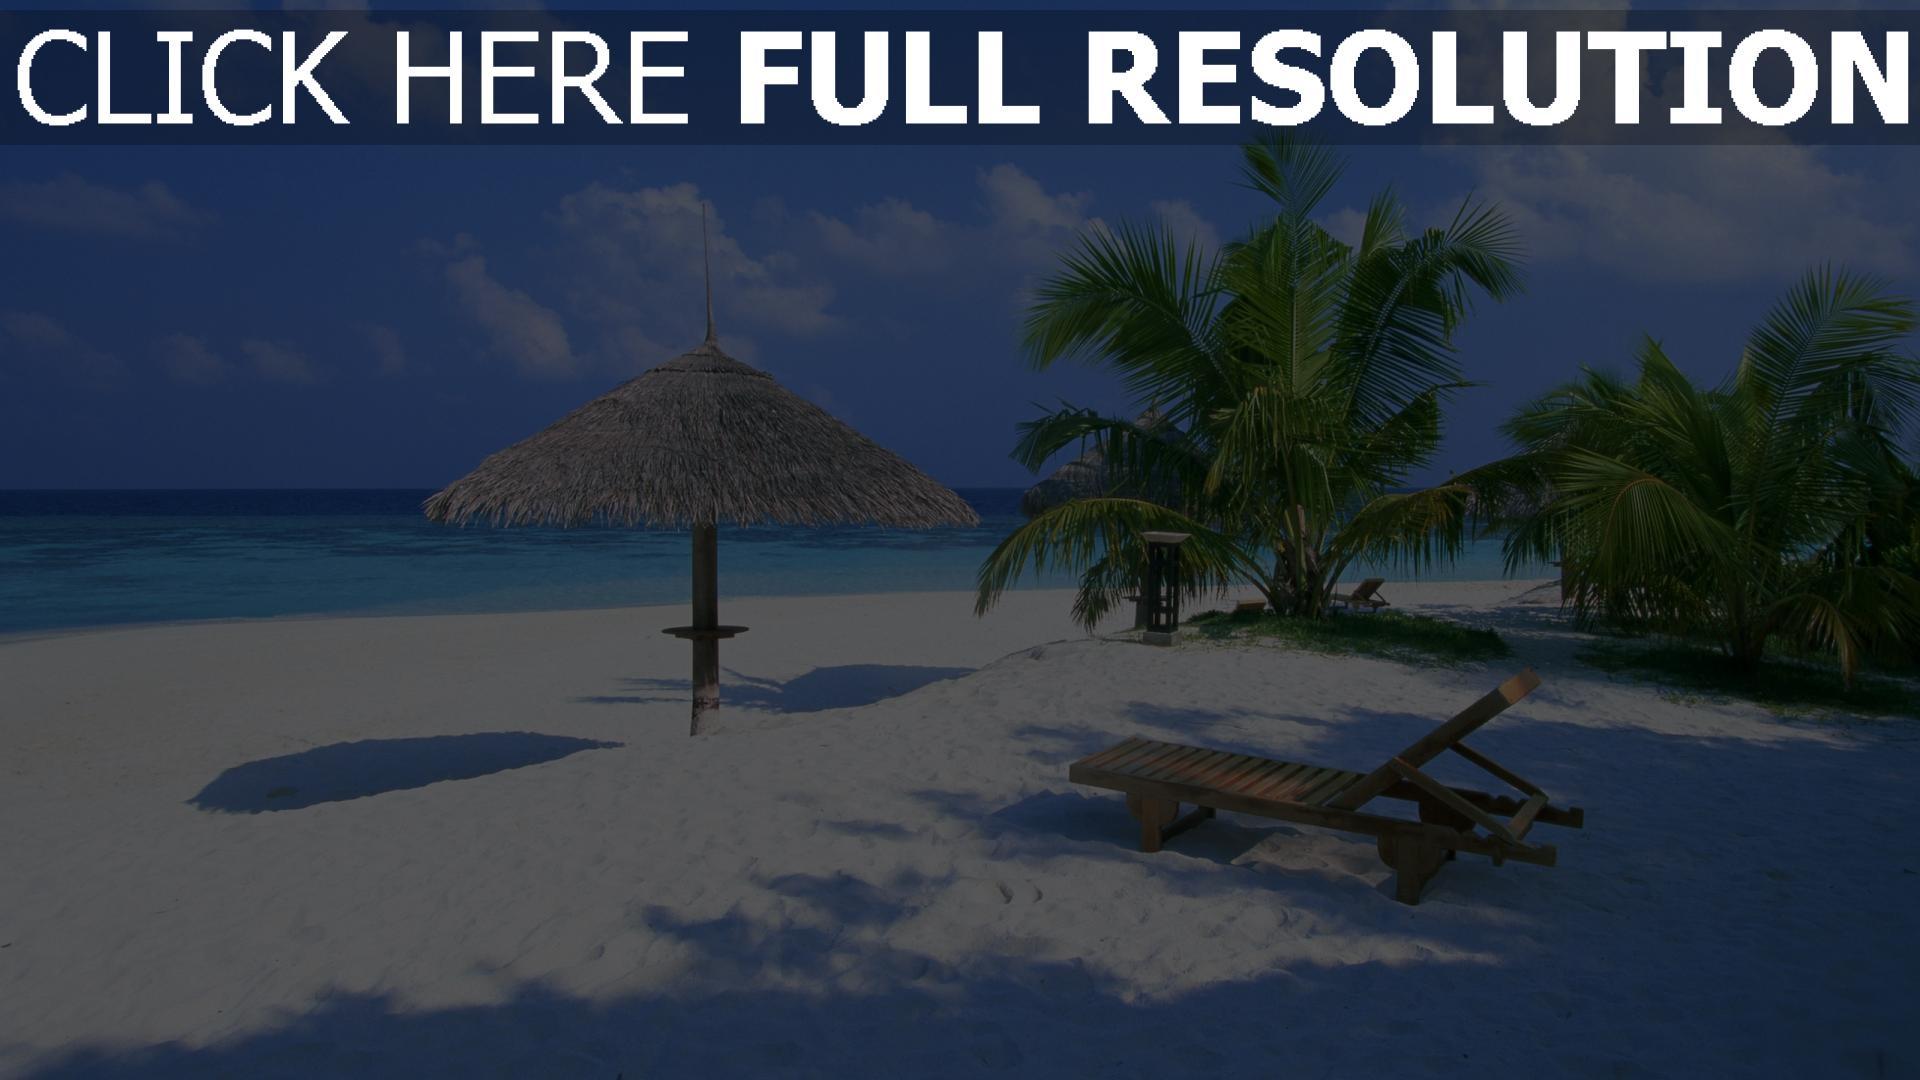 hd hintergrundbilder strand liegest hle palmen sand himmel. Black Bedroom Furniture Sets. Home Design Ideas